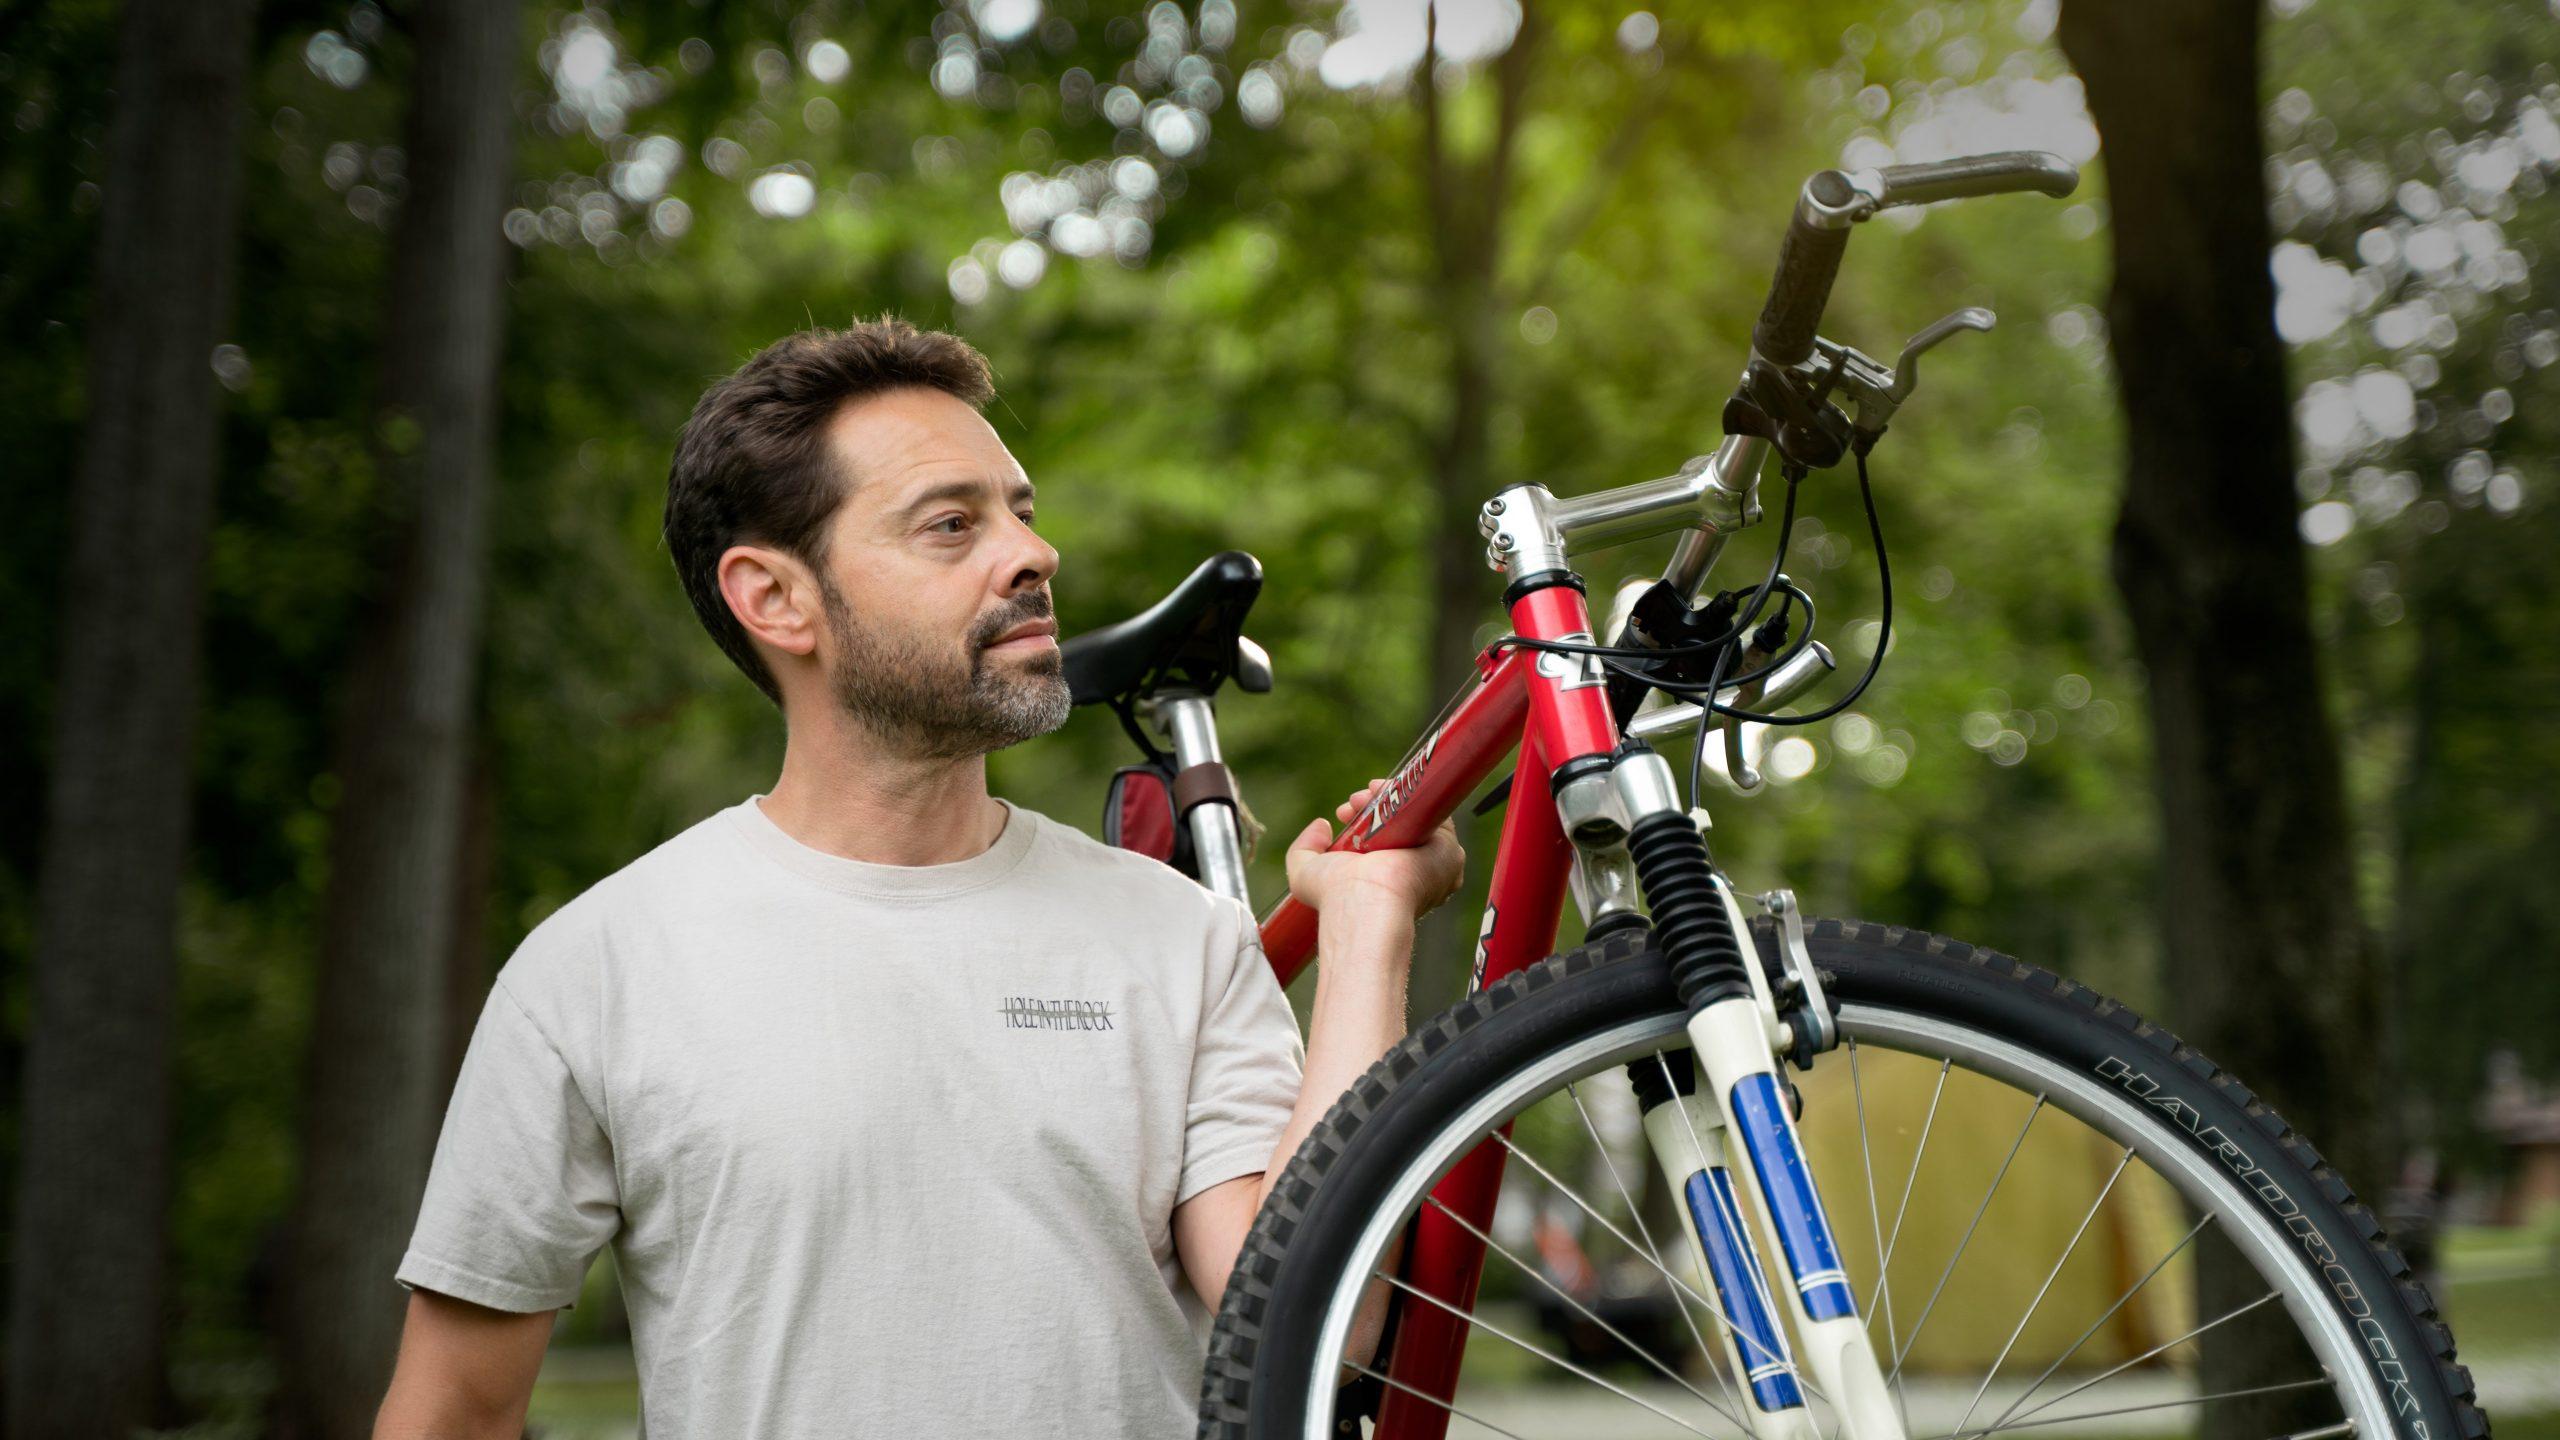 Imagem de um homem segurando uma bicicleta.